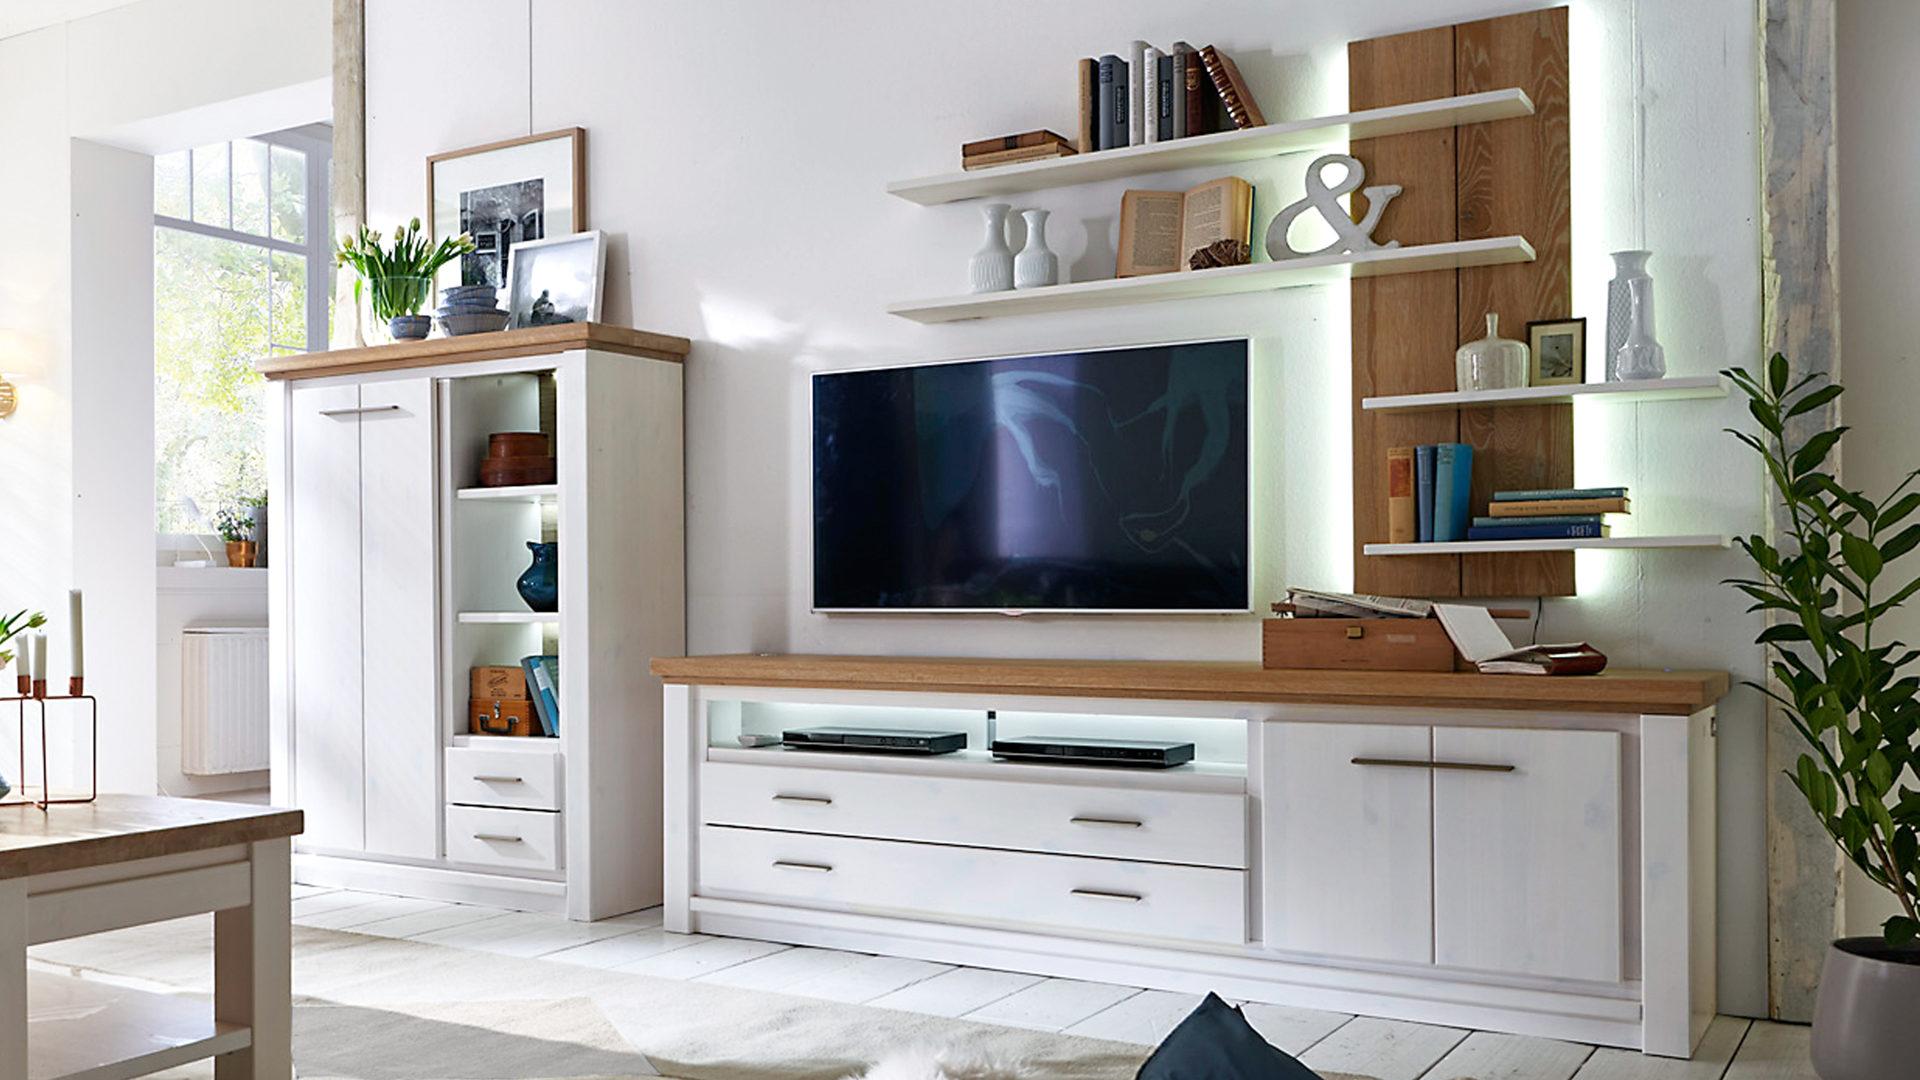 Wohnwand Gomab Aus Holz In Weiß WOODS U0026 TRENDS Wohnwand   Wohnzimmermöbel  Polarastkiefer U0026 Wildeiche U2013